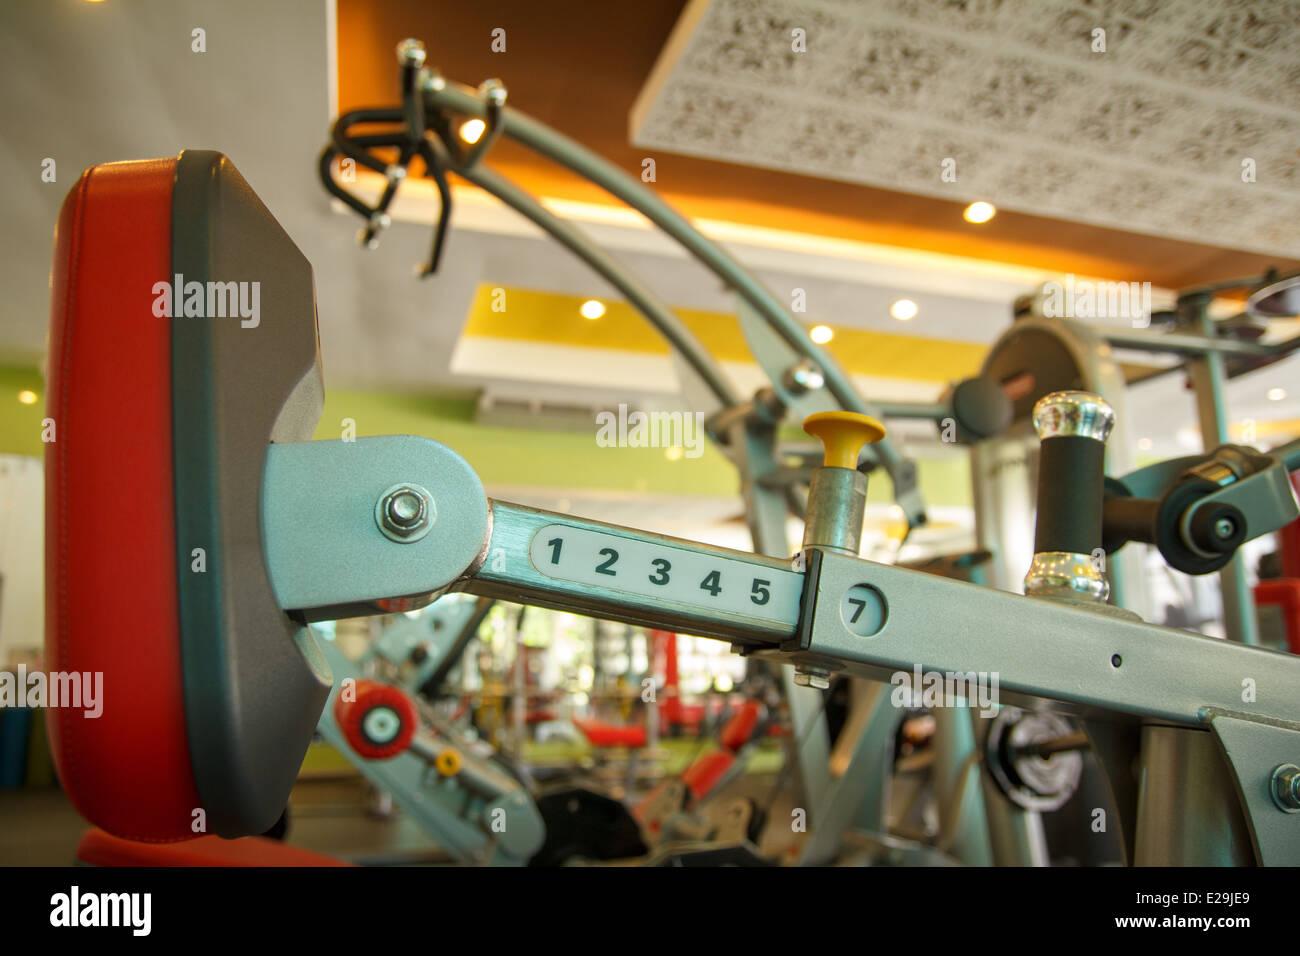 El edificio del cuerpo de la máquina Imagen De Stock